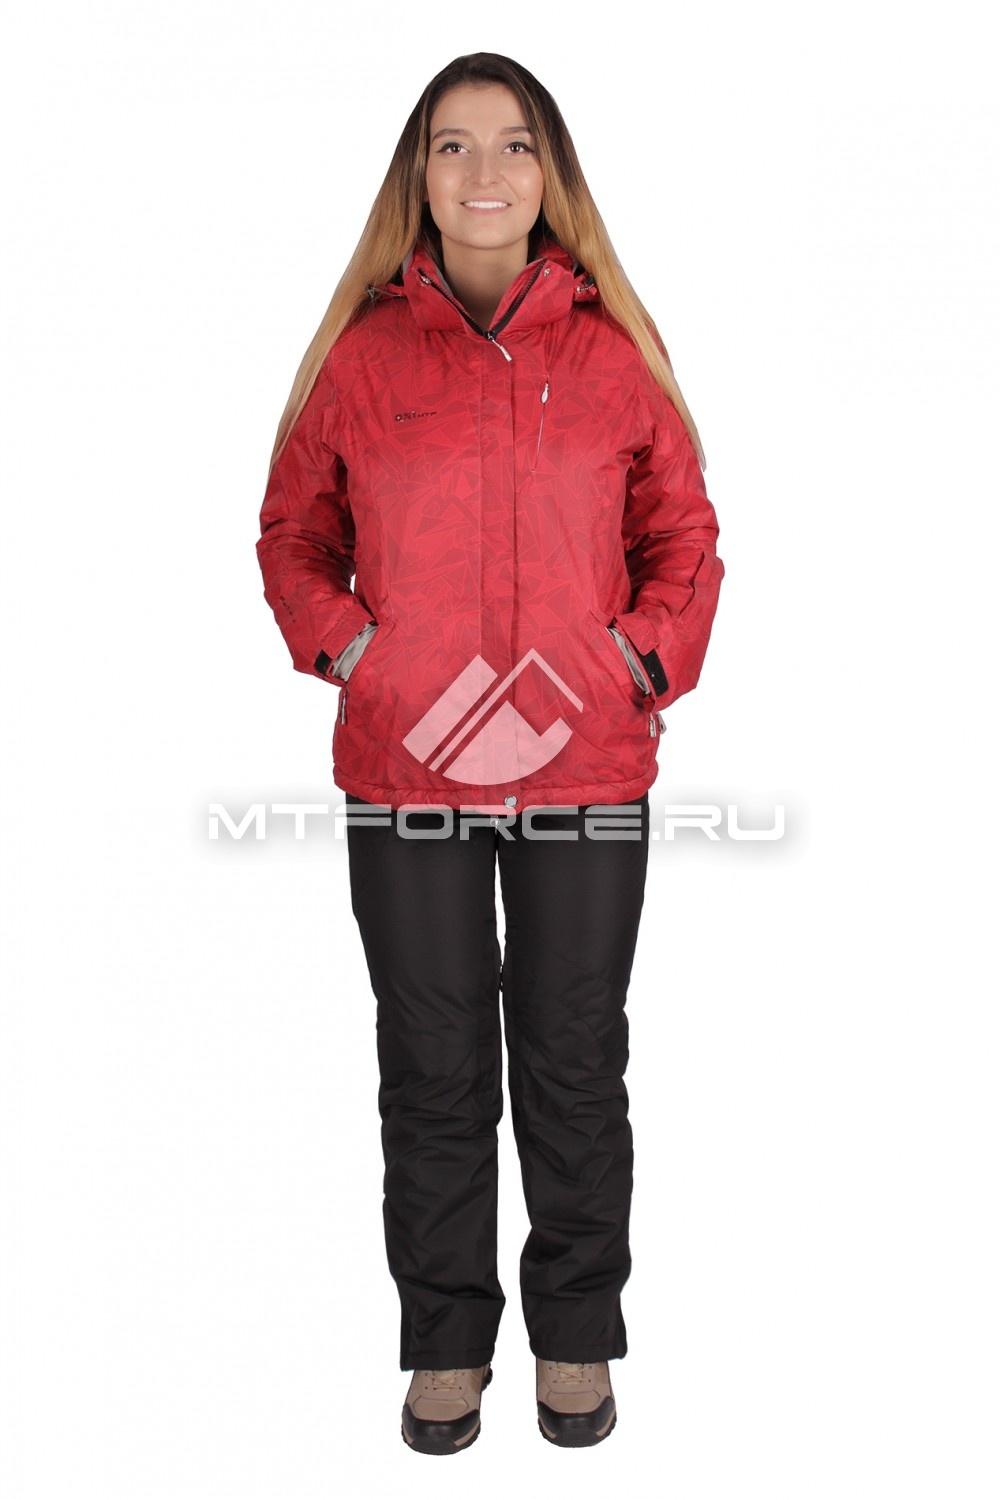 Купить                                  оптом Костюм горнолыжный женский красного цвета 01631Kr